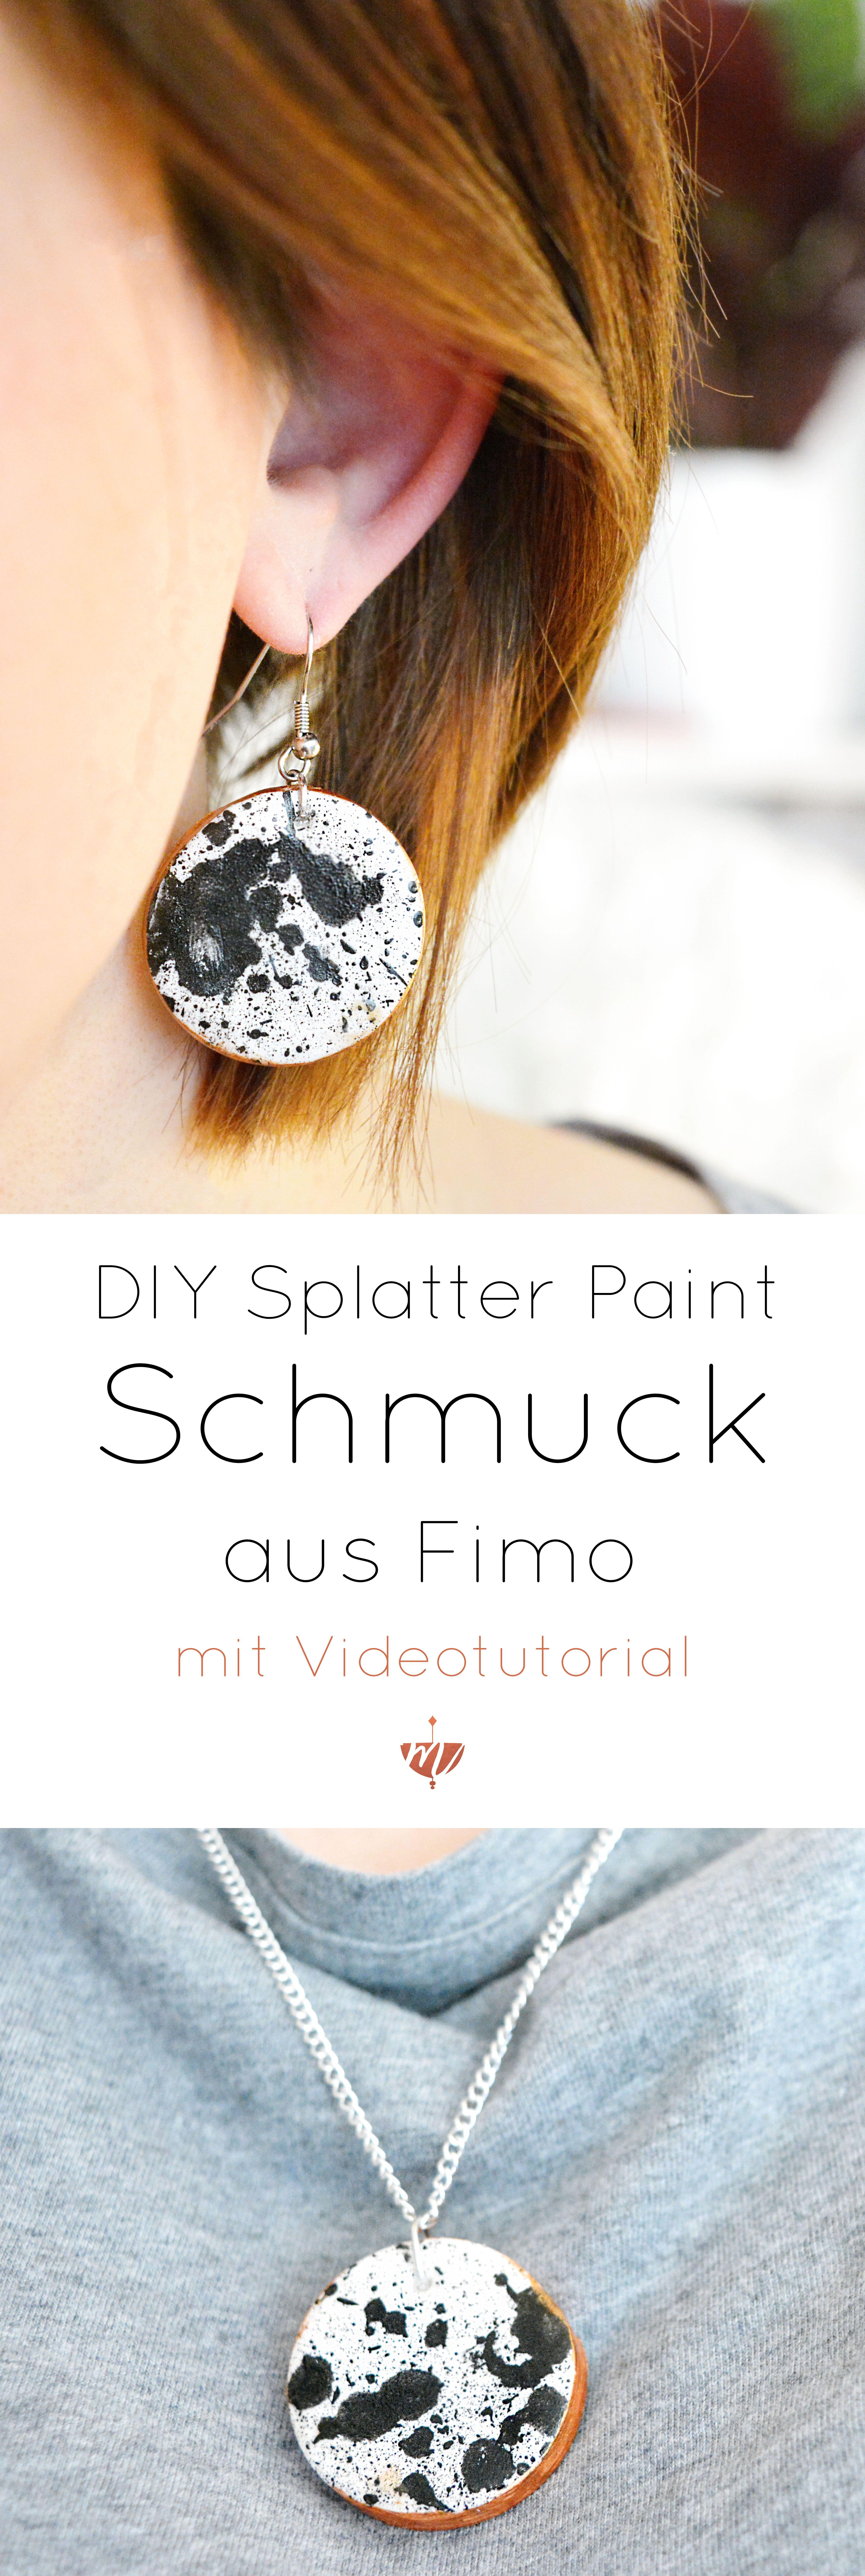 Video-DIY: Splatter Paint Schmuck aus Fimo | Selber machen ...